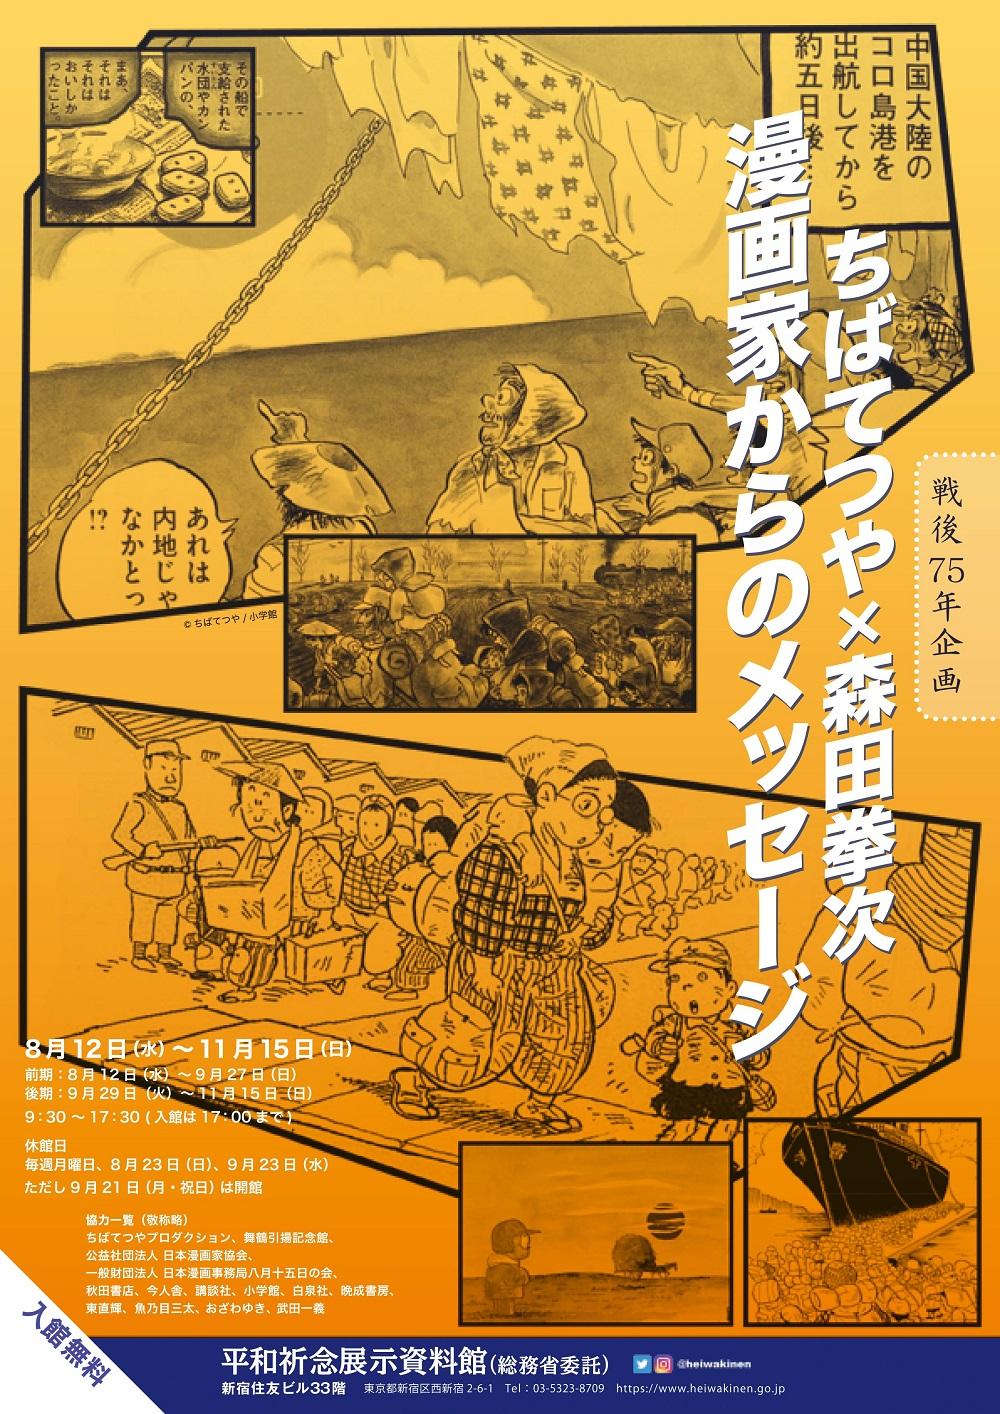 企画展『ちばてつや×森田拳次 漫画家からのメッセージ』